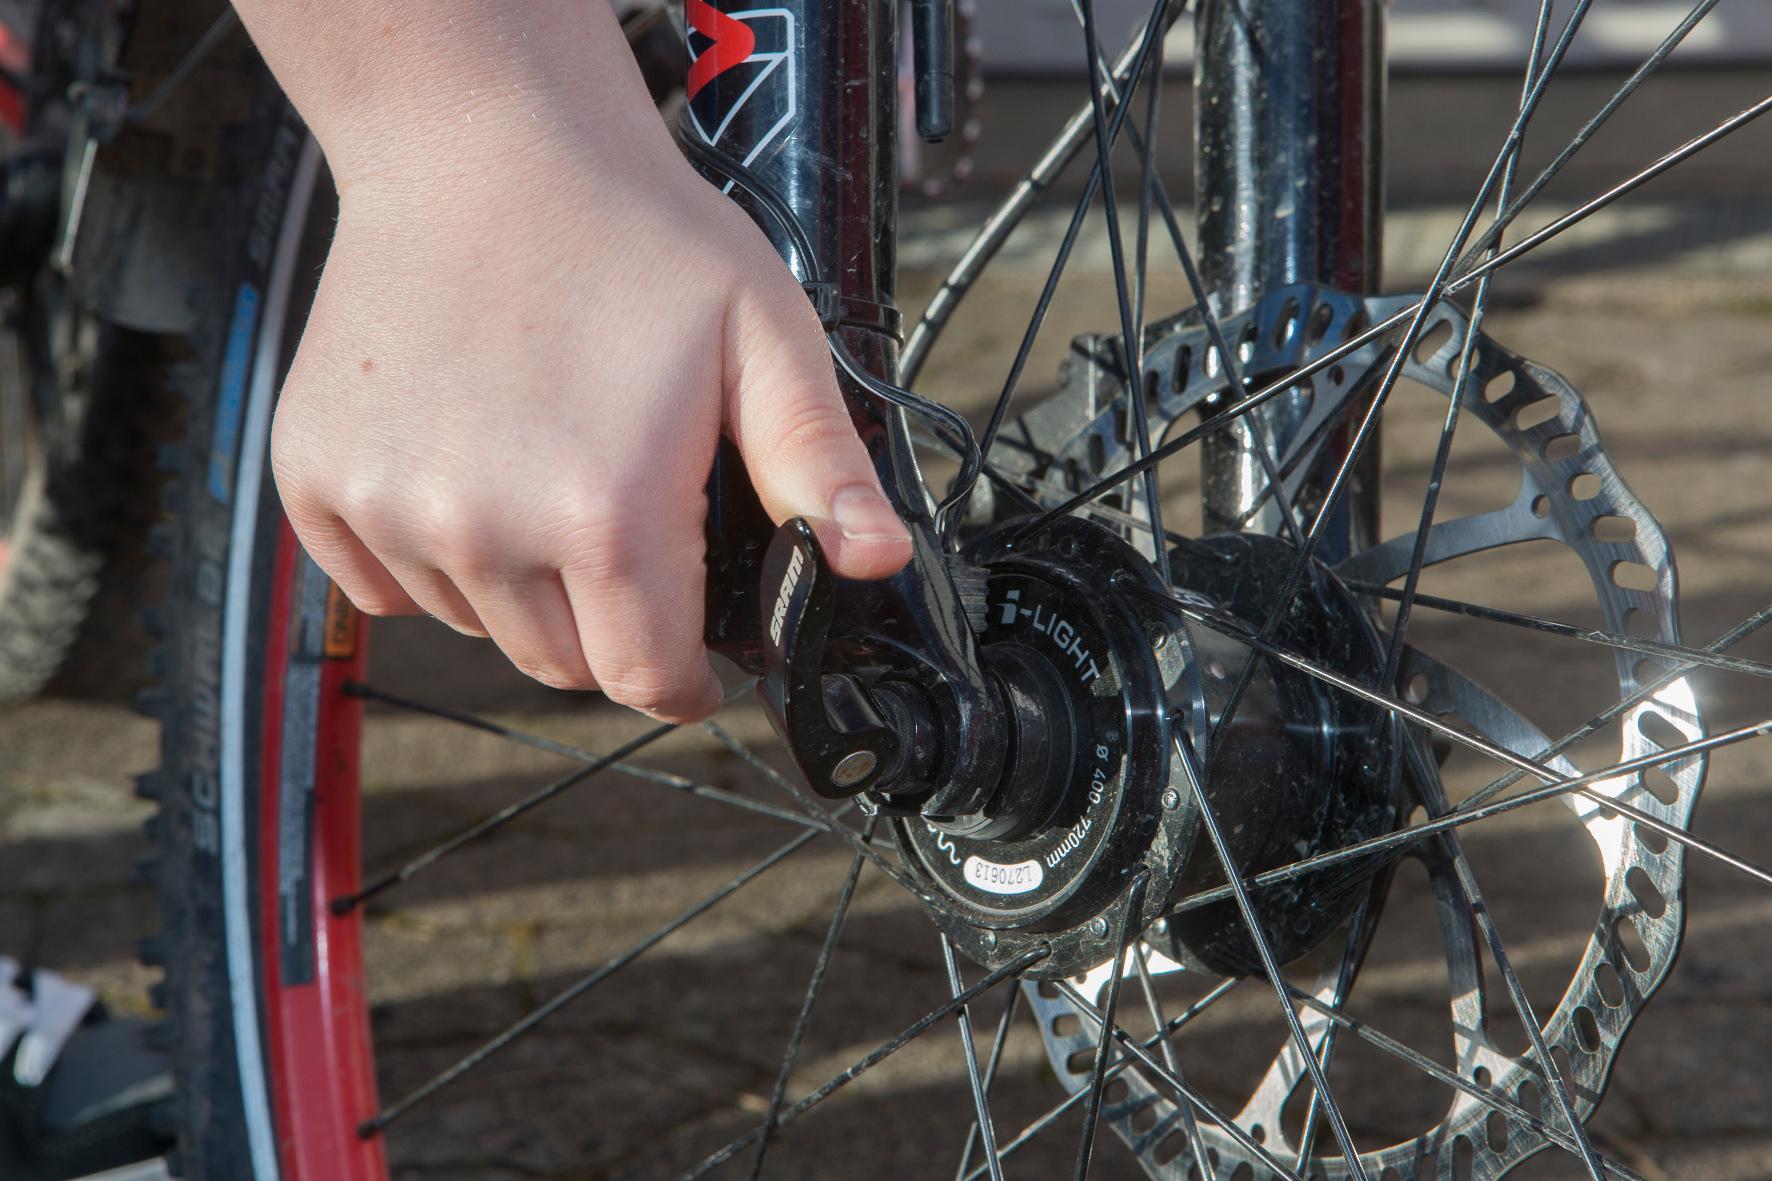 mid Groß-Gerau - 17 Radhersteller starten eine Rückrufaktion wegen eines Schnellspanners, durch den das Vorderrad während der Fahrt schlagartig blockieren kann.